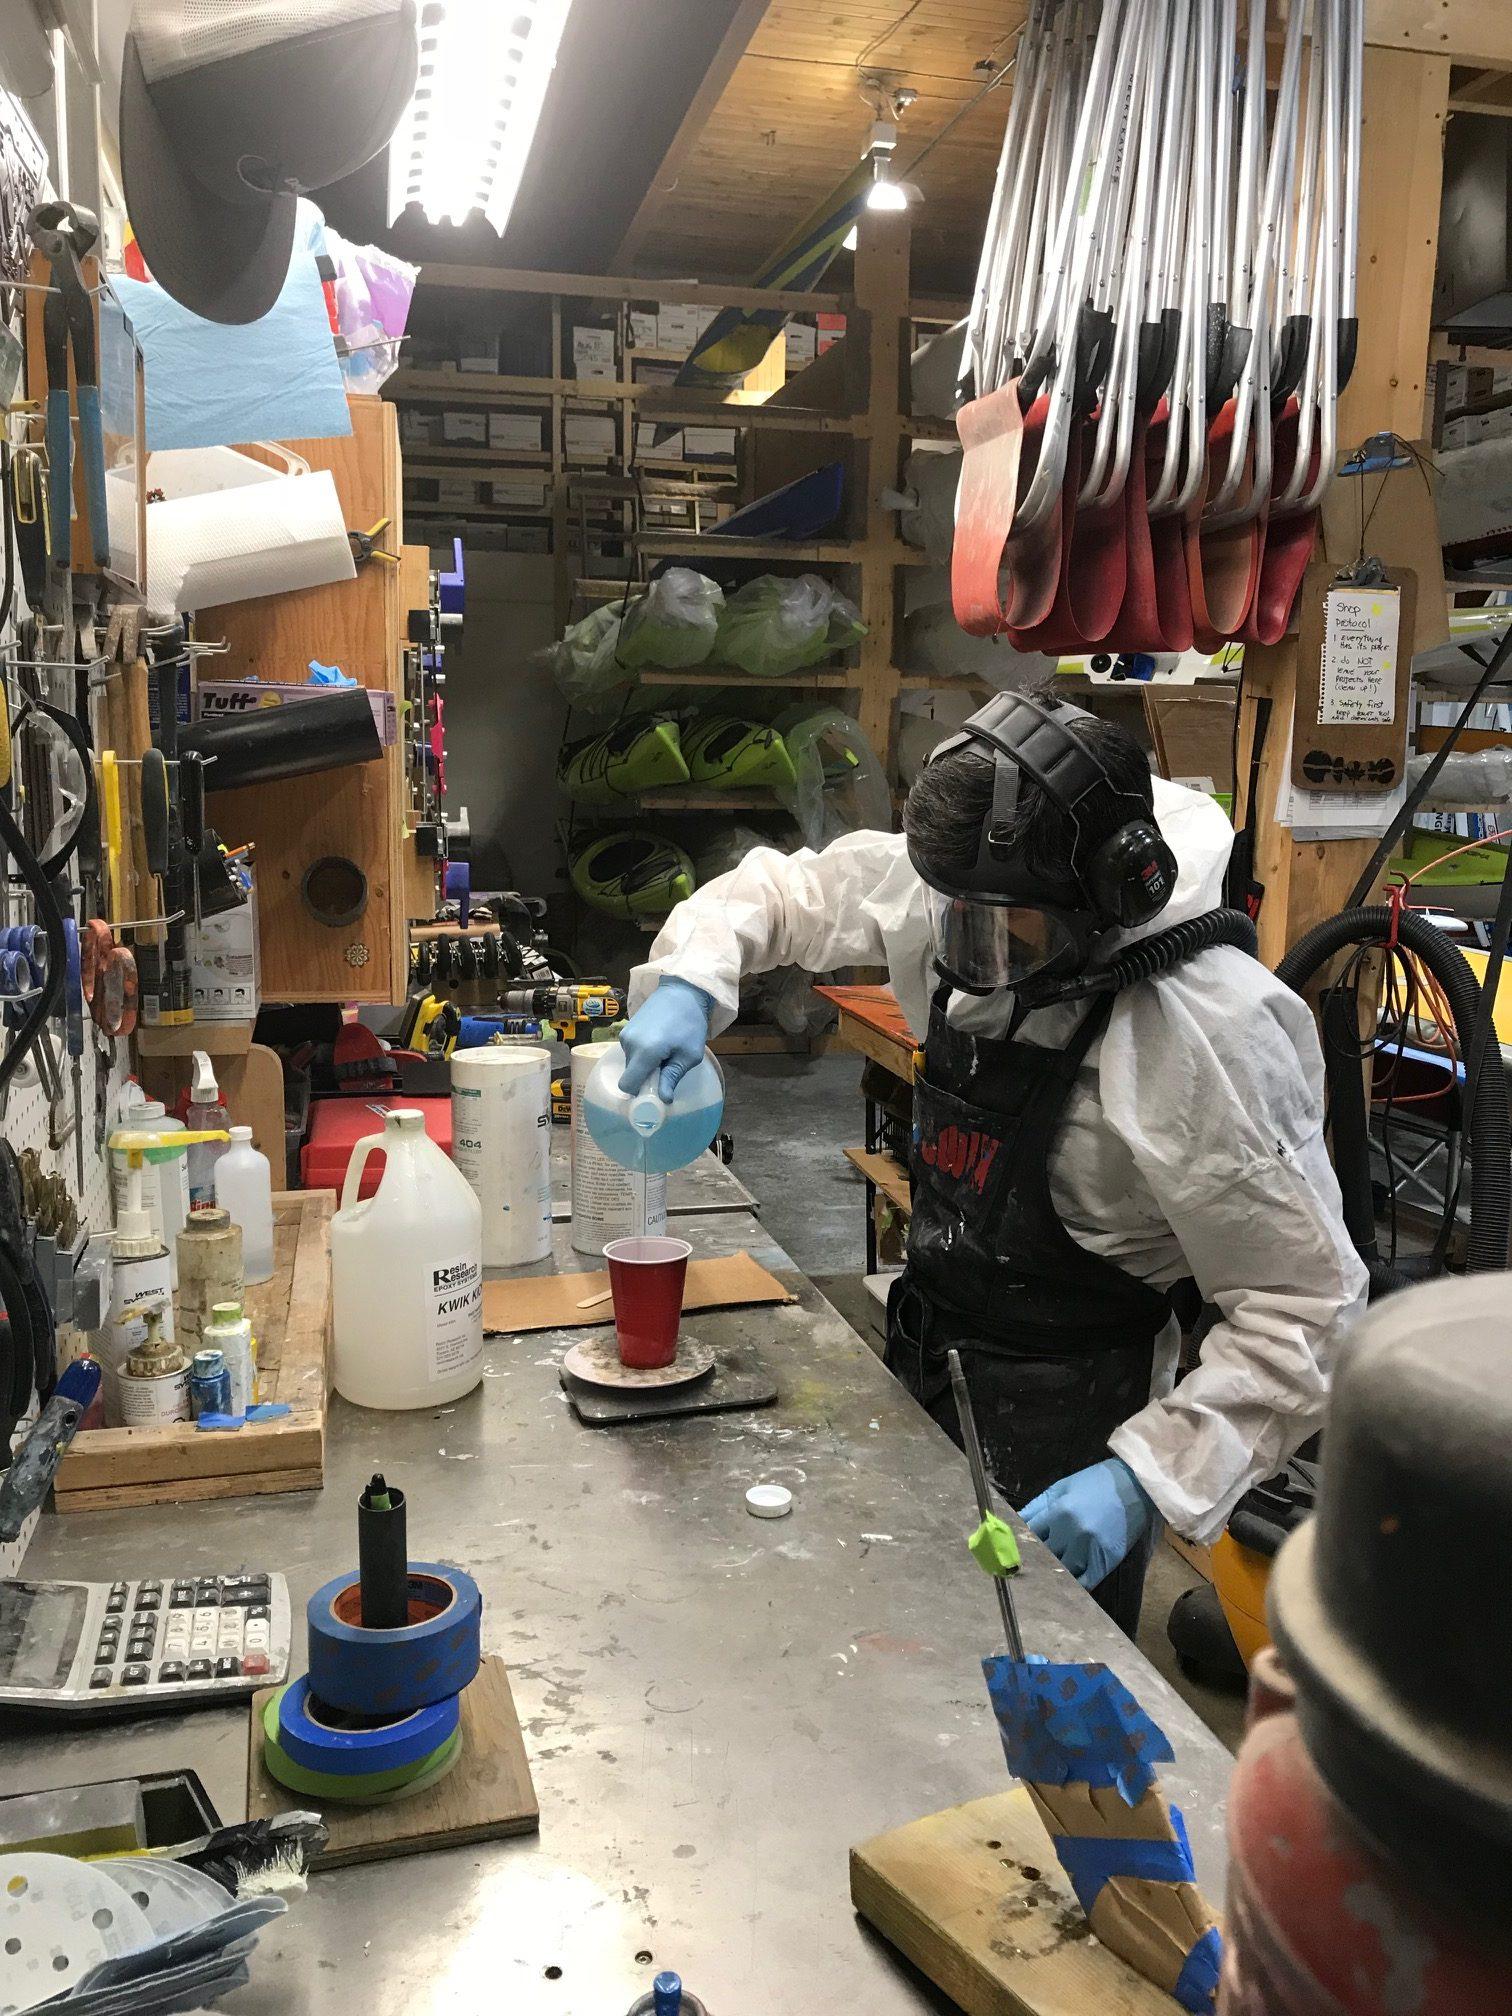 Marty in his repair workshop